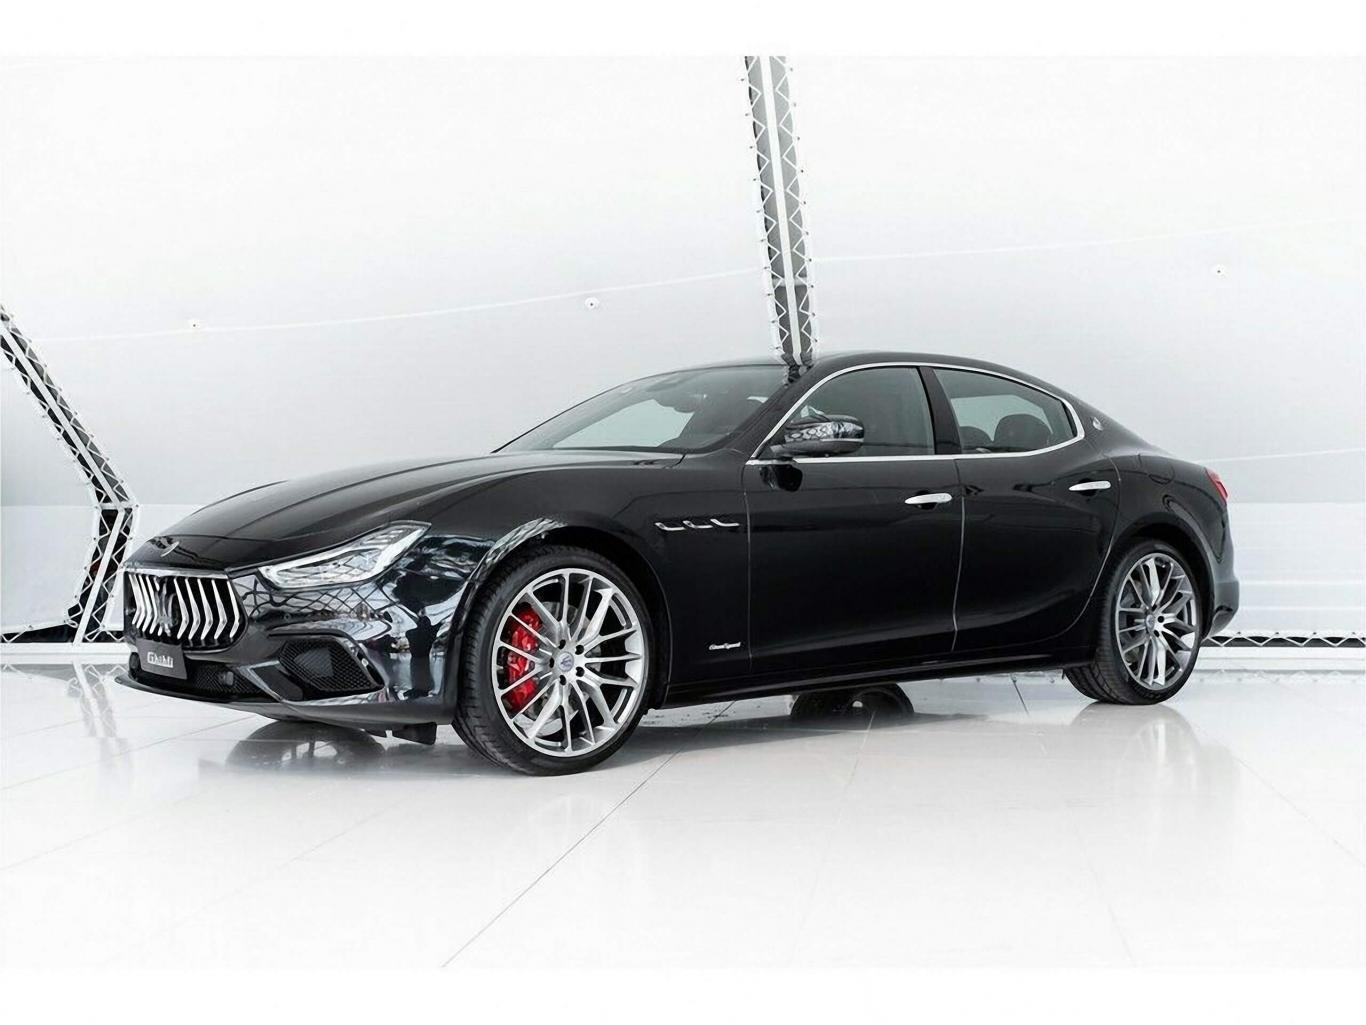 Hình Ảnh Và Phim Xe Maserati Ghibli Sedan 4 Chỗ Màu Đen Cao Cấp